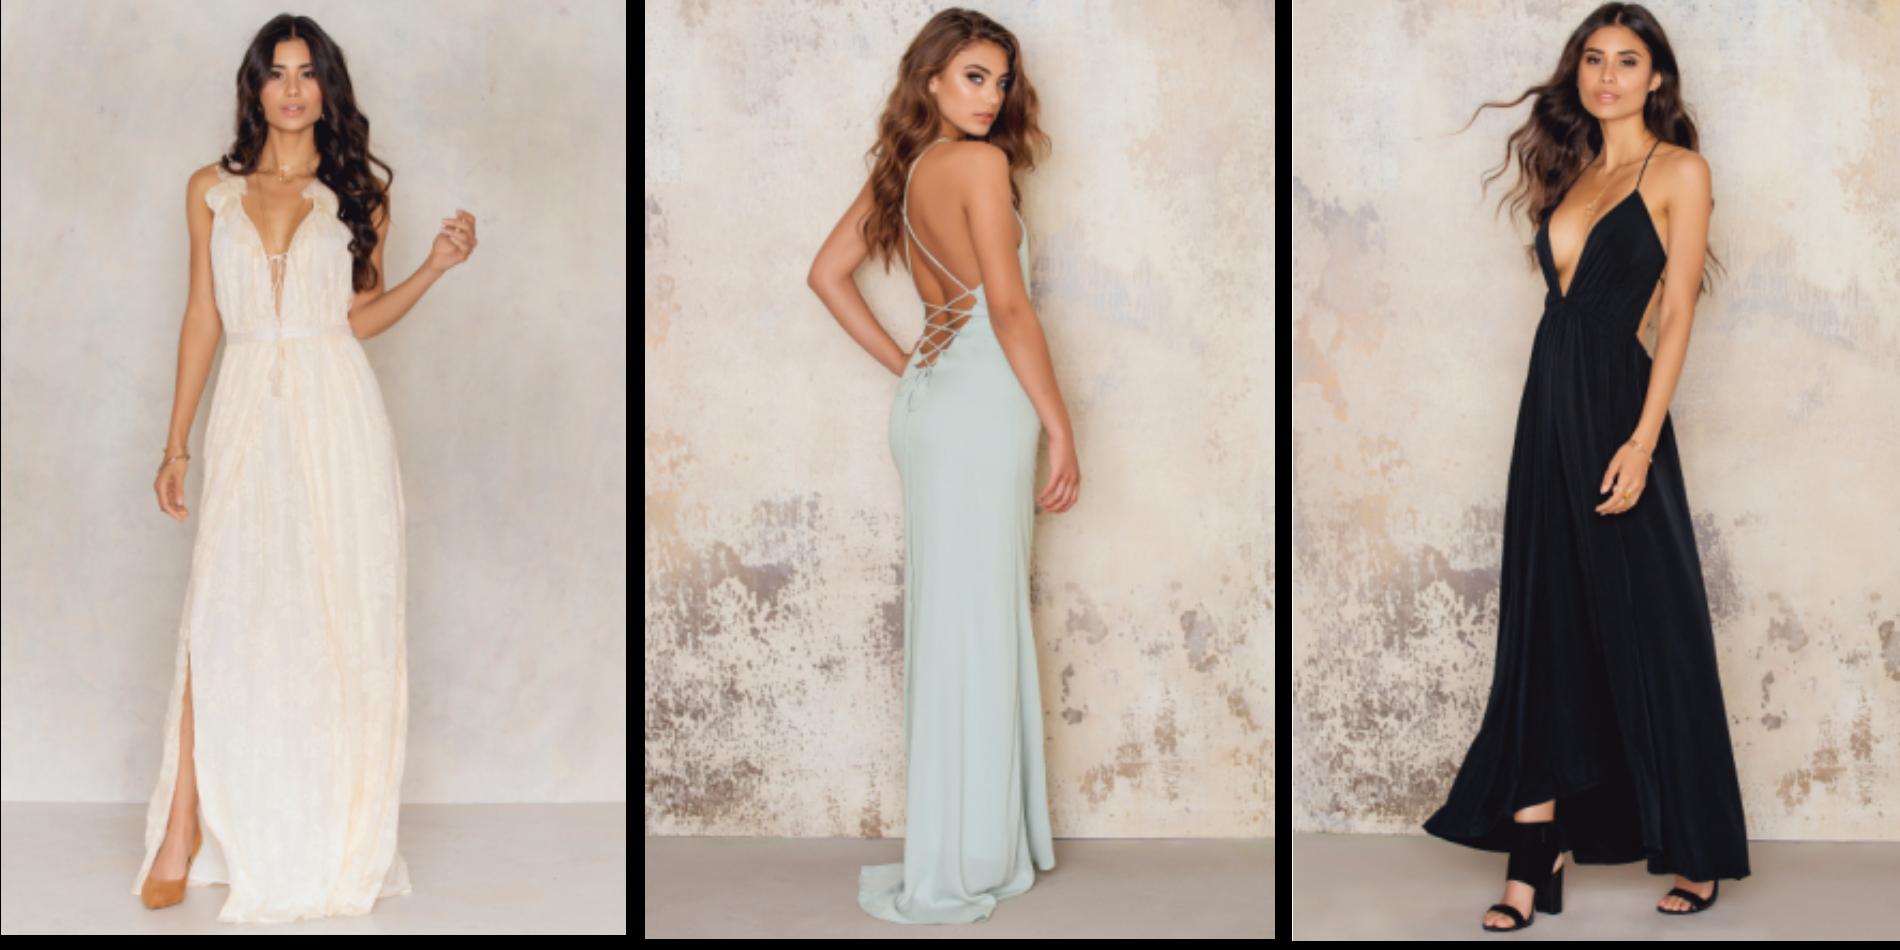 bee5a7ee1342 Hittade några fina klänningar som jag gärna skulle vilja bära i sommar =)